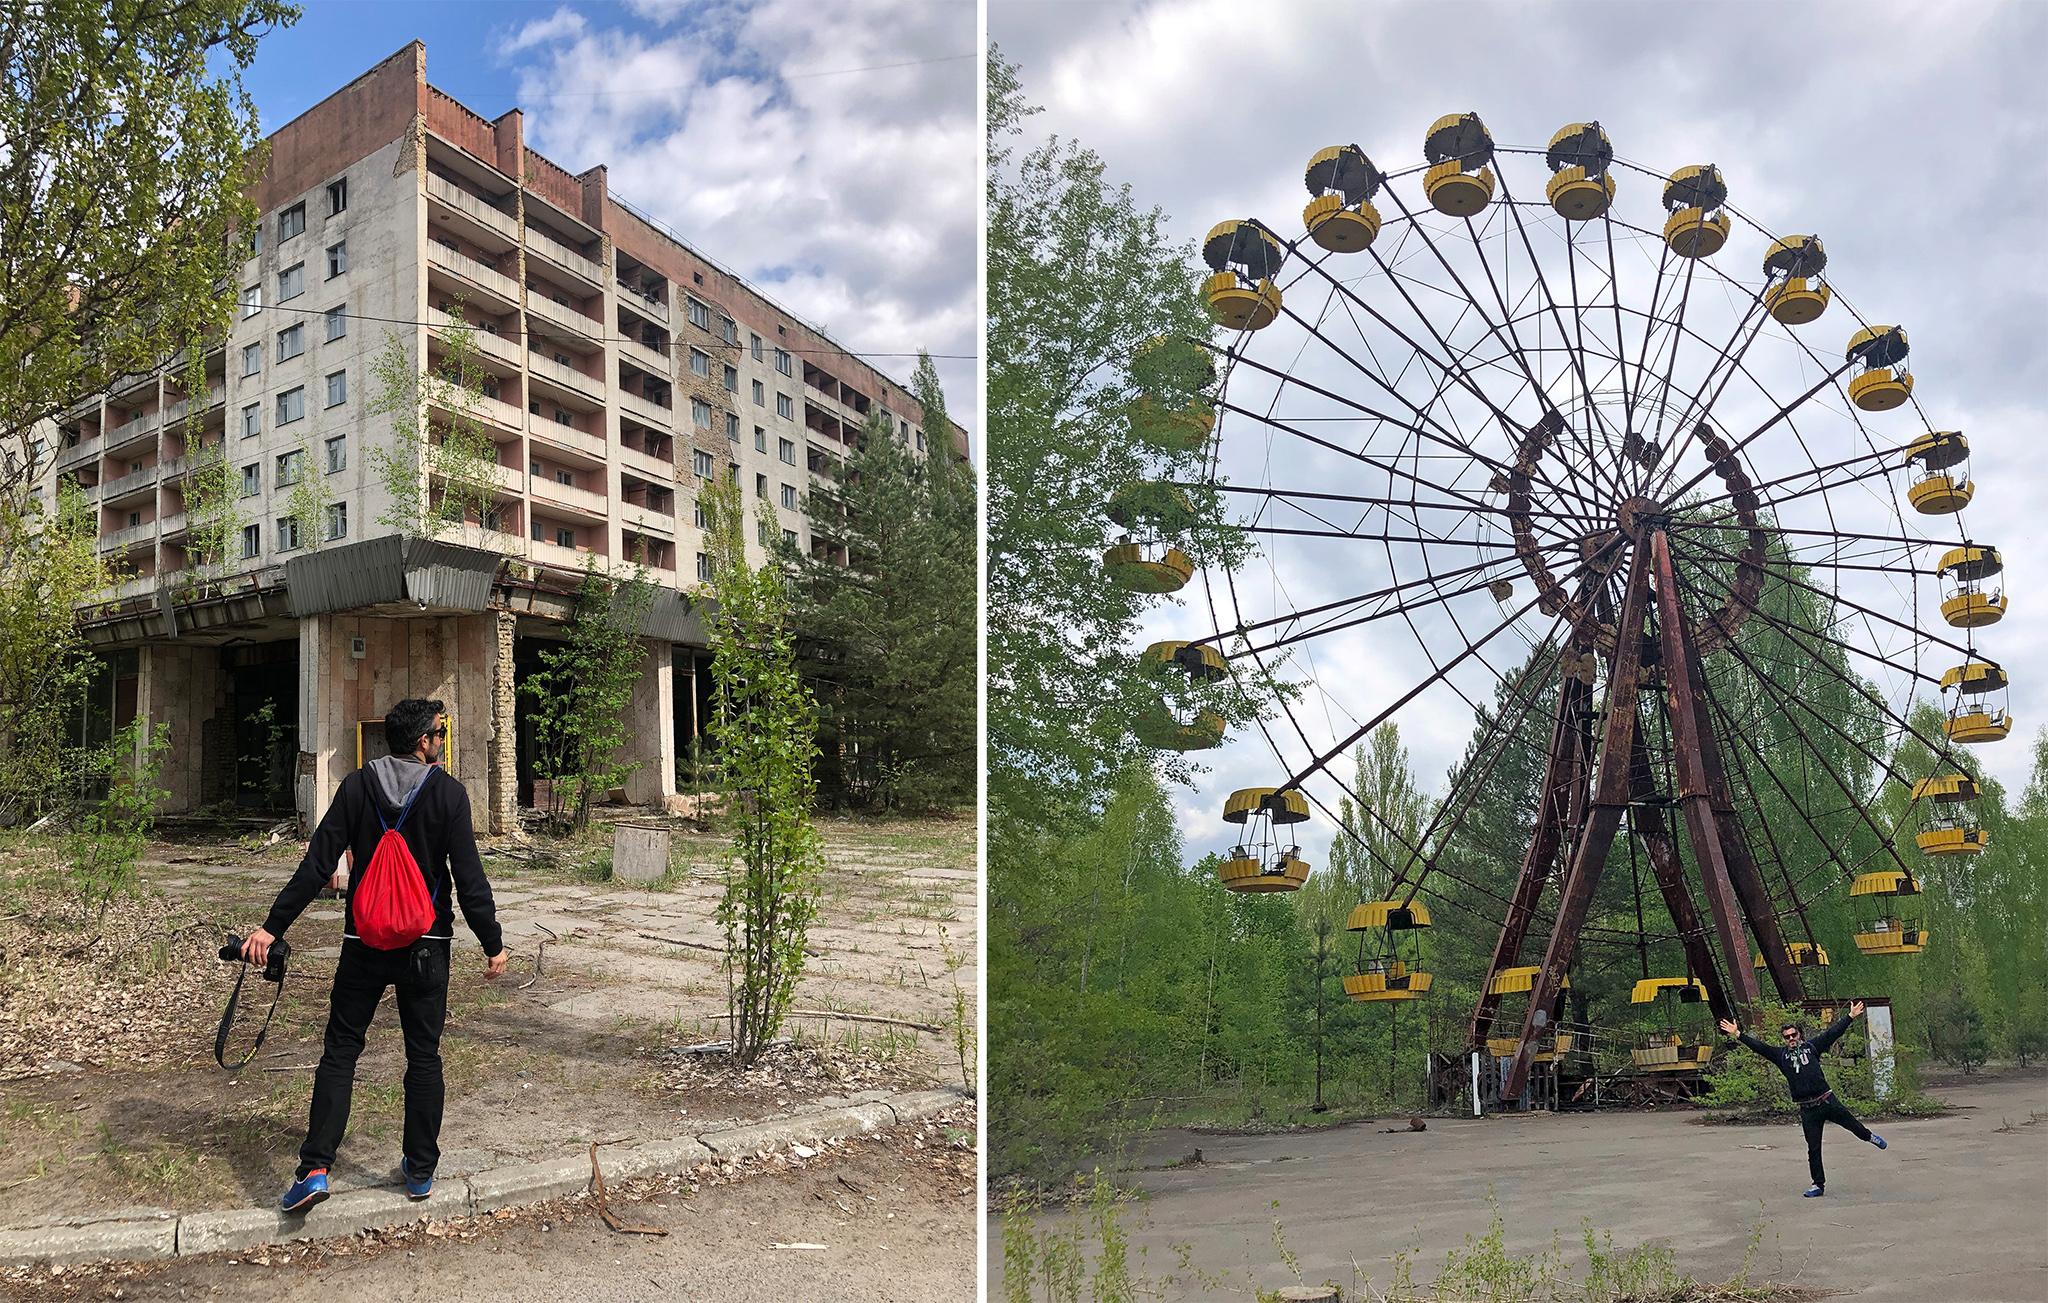 Visitar Chernóbil - Visitar Chernobyl Ucrania Ukraine Pripyat visitar chernóbil - 47045819164 a50f8400b8 o - Visitar Chernóbil: el lugar más contaminado del planeta